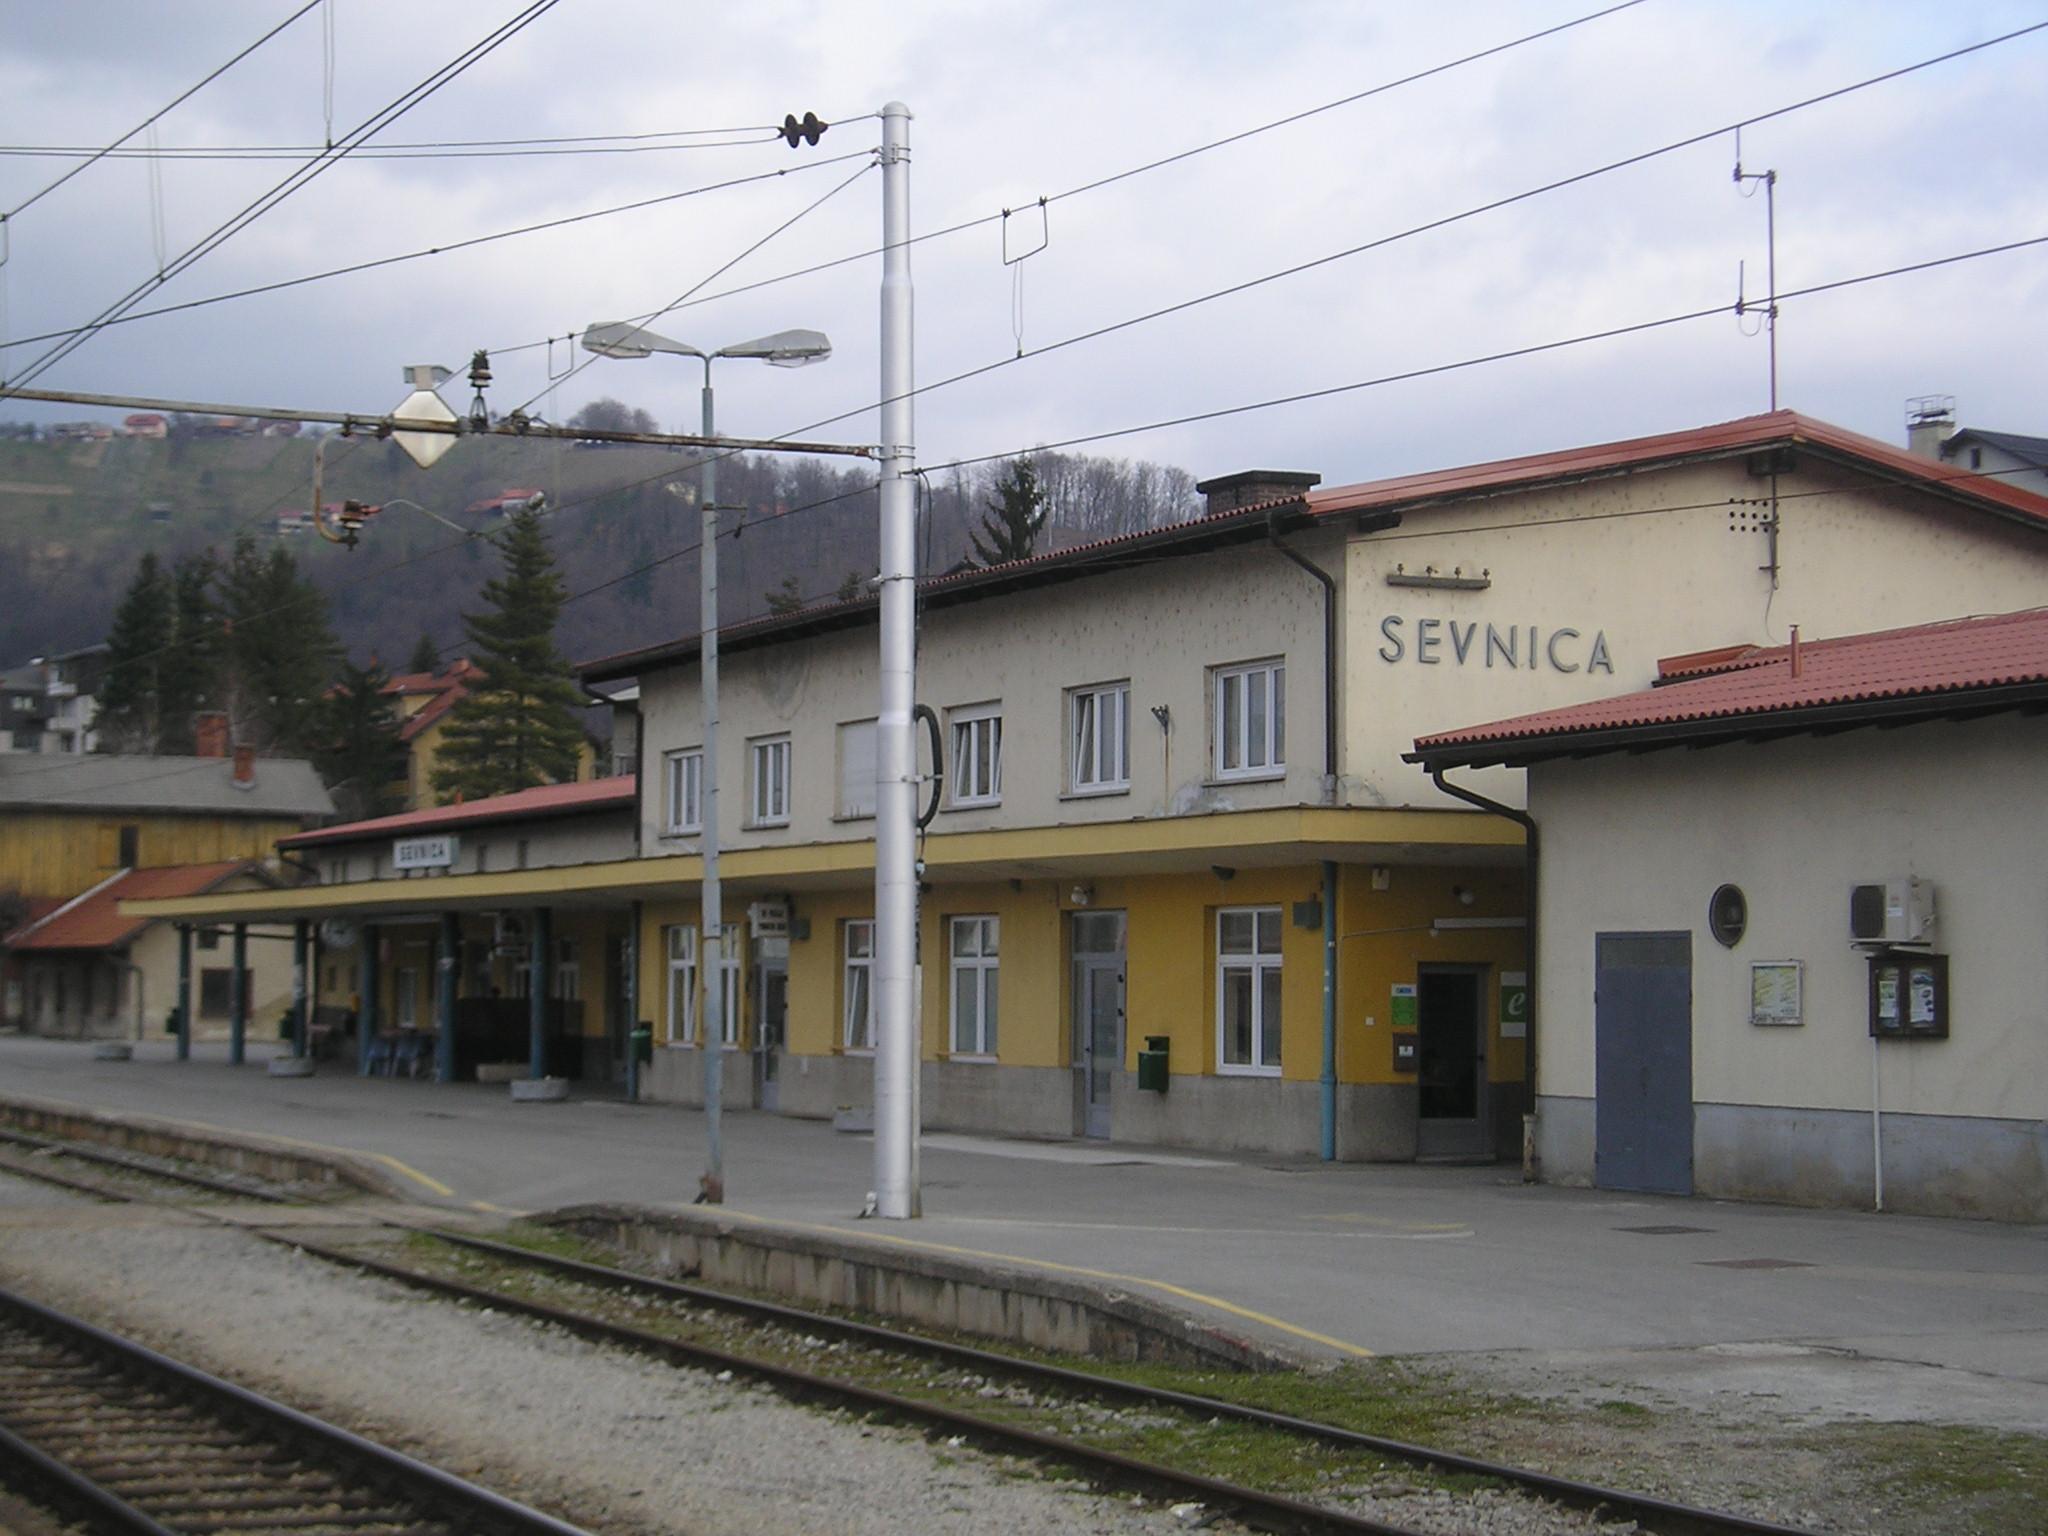 Železniška postaja Sevnica